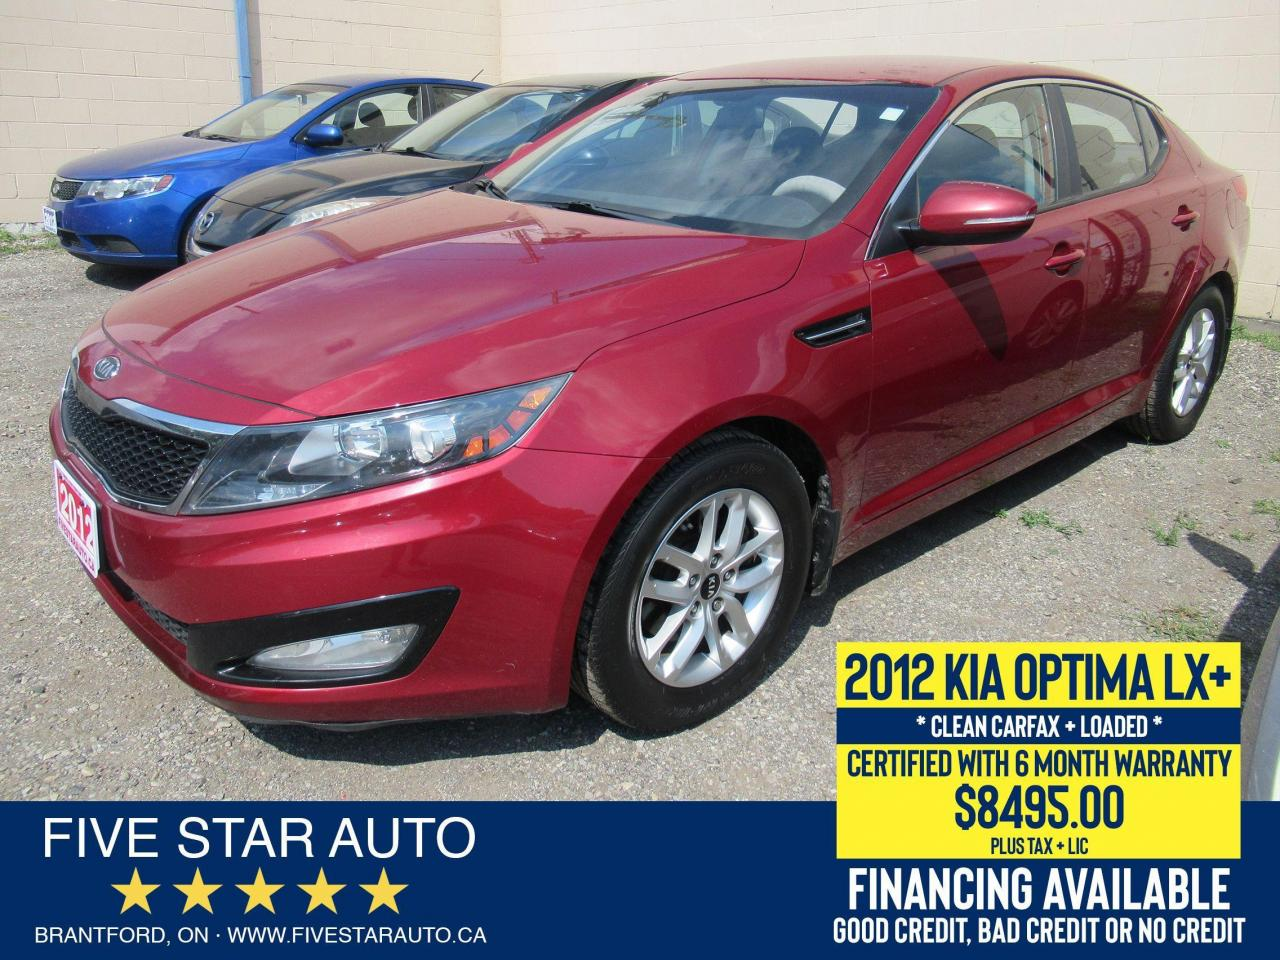 2012 Kia Optima LX+ *Clean Carfax* Certified w/ 6 Month Warranty